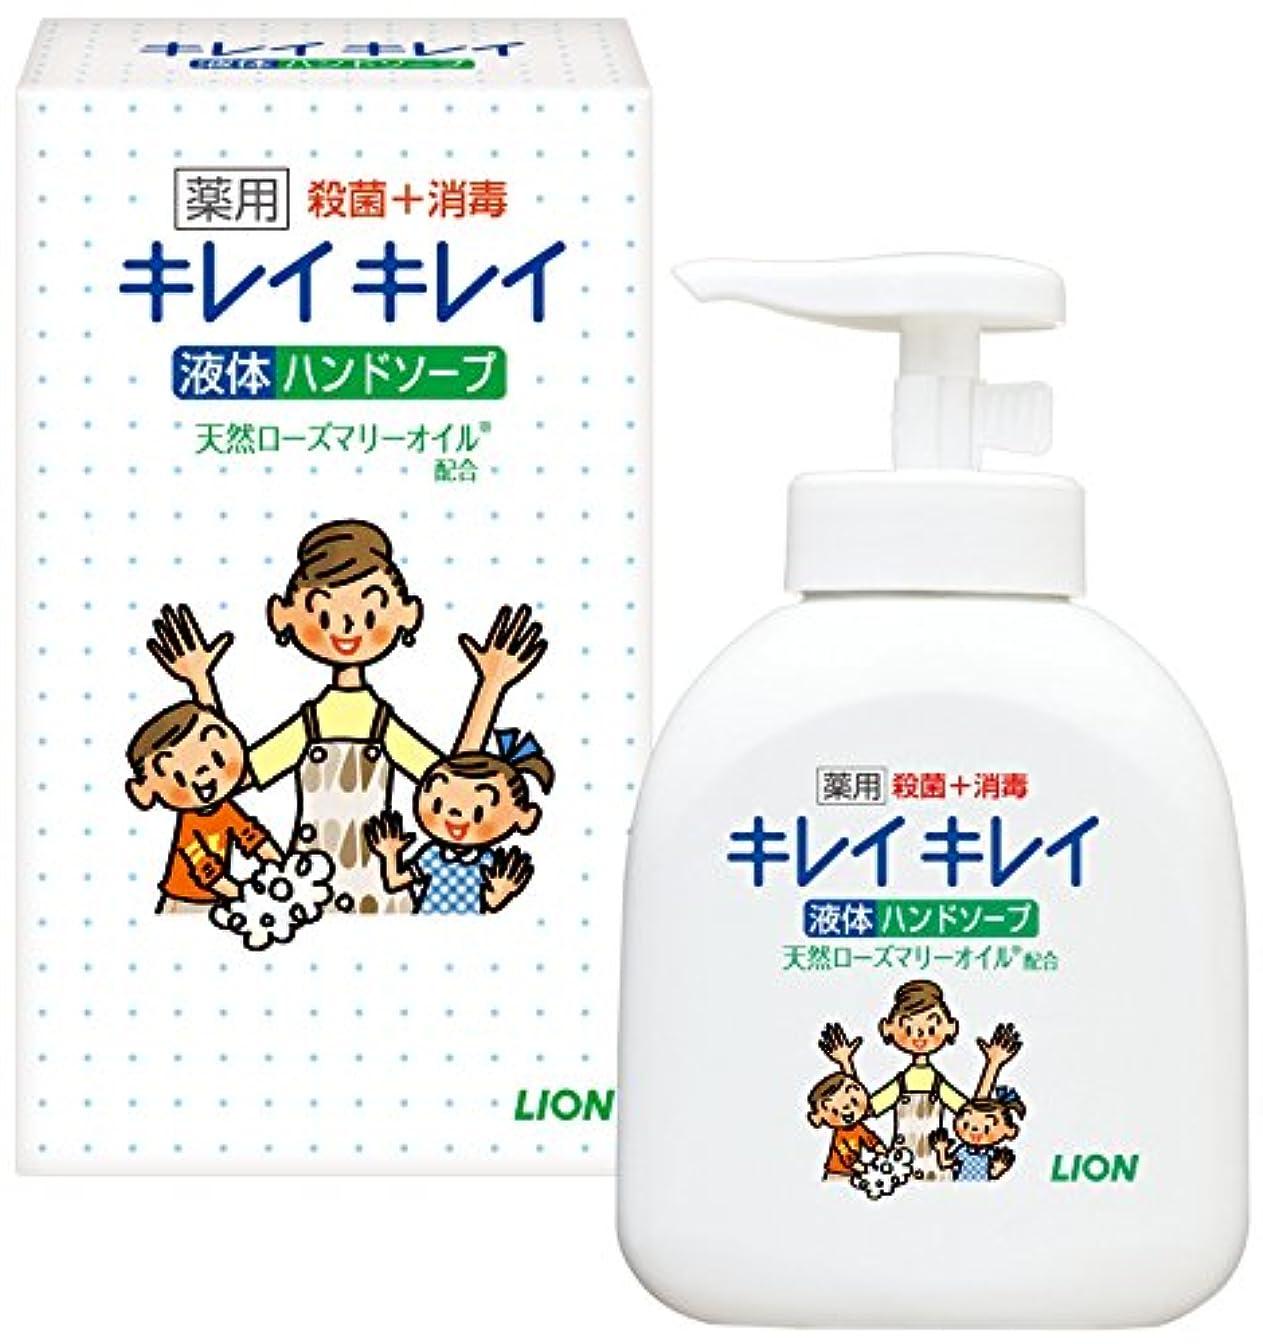 なめらかな子孫一般的にキレイキレイ薬用液体ハンドソープ250ml ノベルティギフト用化粧箱入